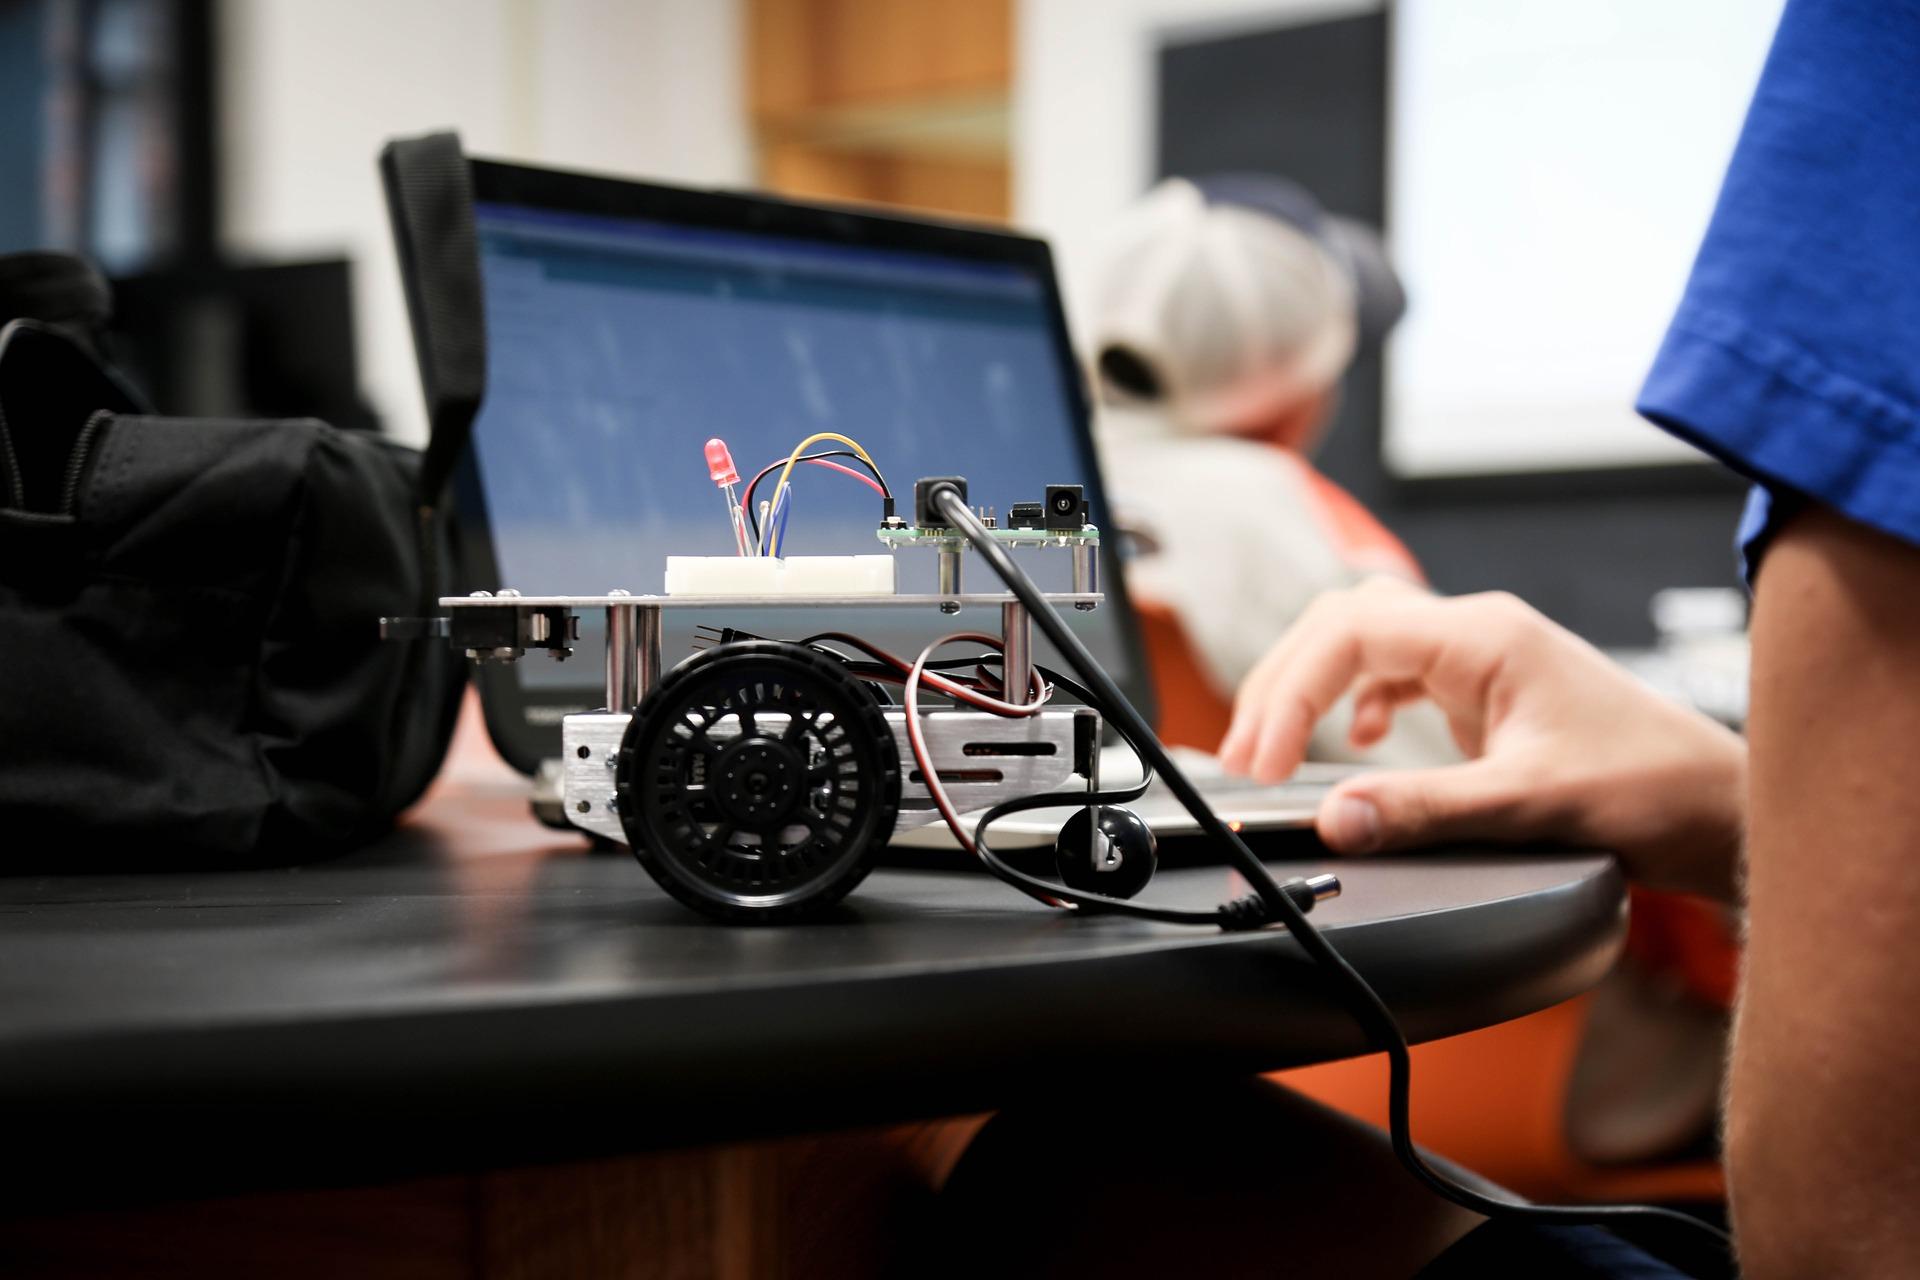 Clases de Robótica y Desarrollo de Videojuegos con Arduino